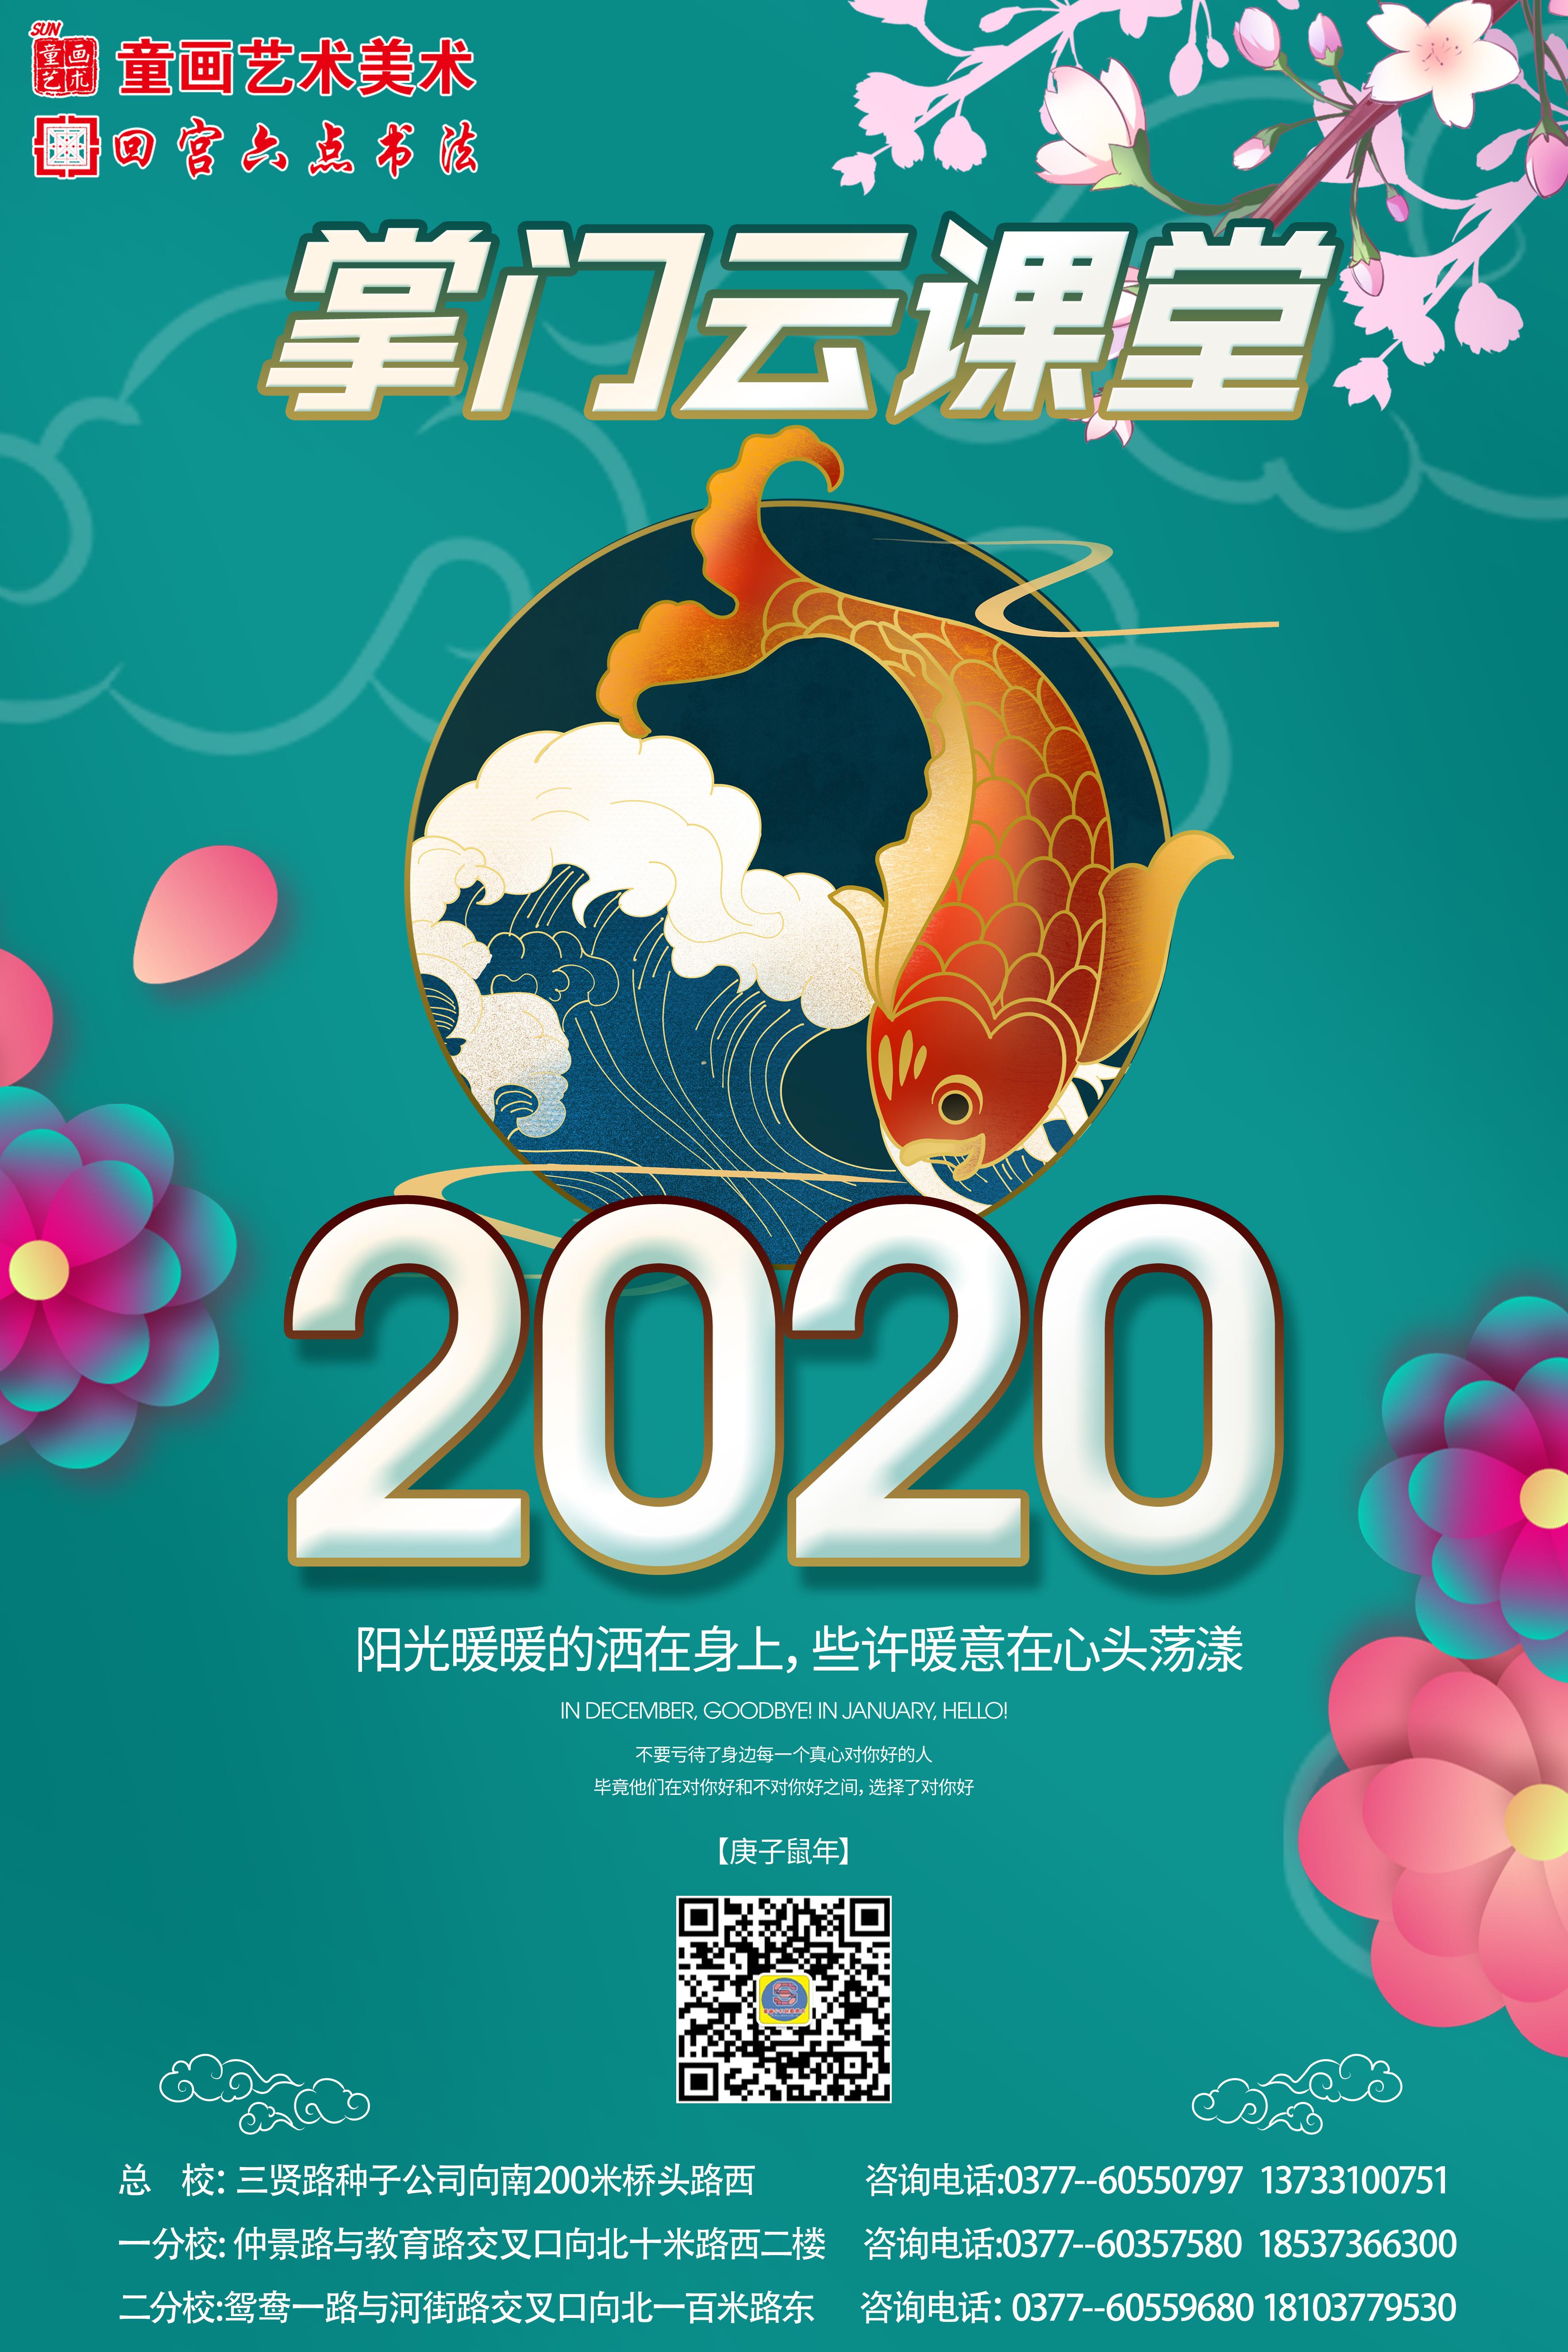 童画艺术美术 - 邓州门户网|邓州网 - 2020.jpg